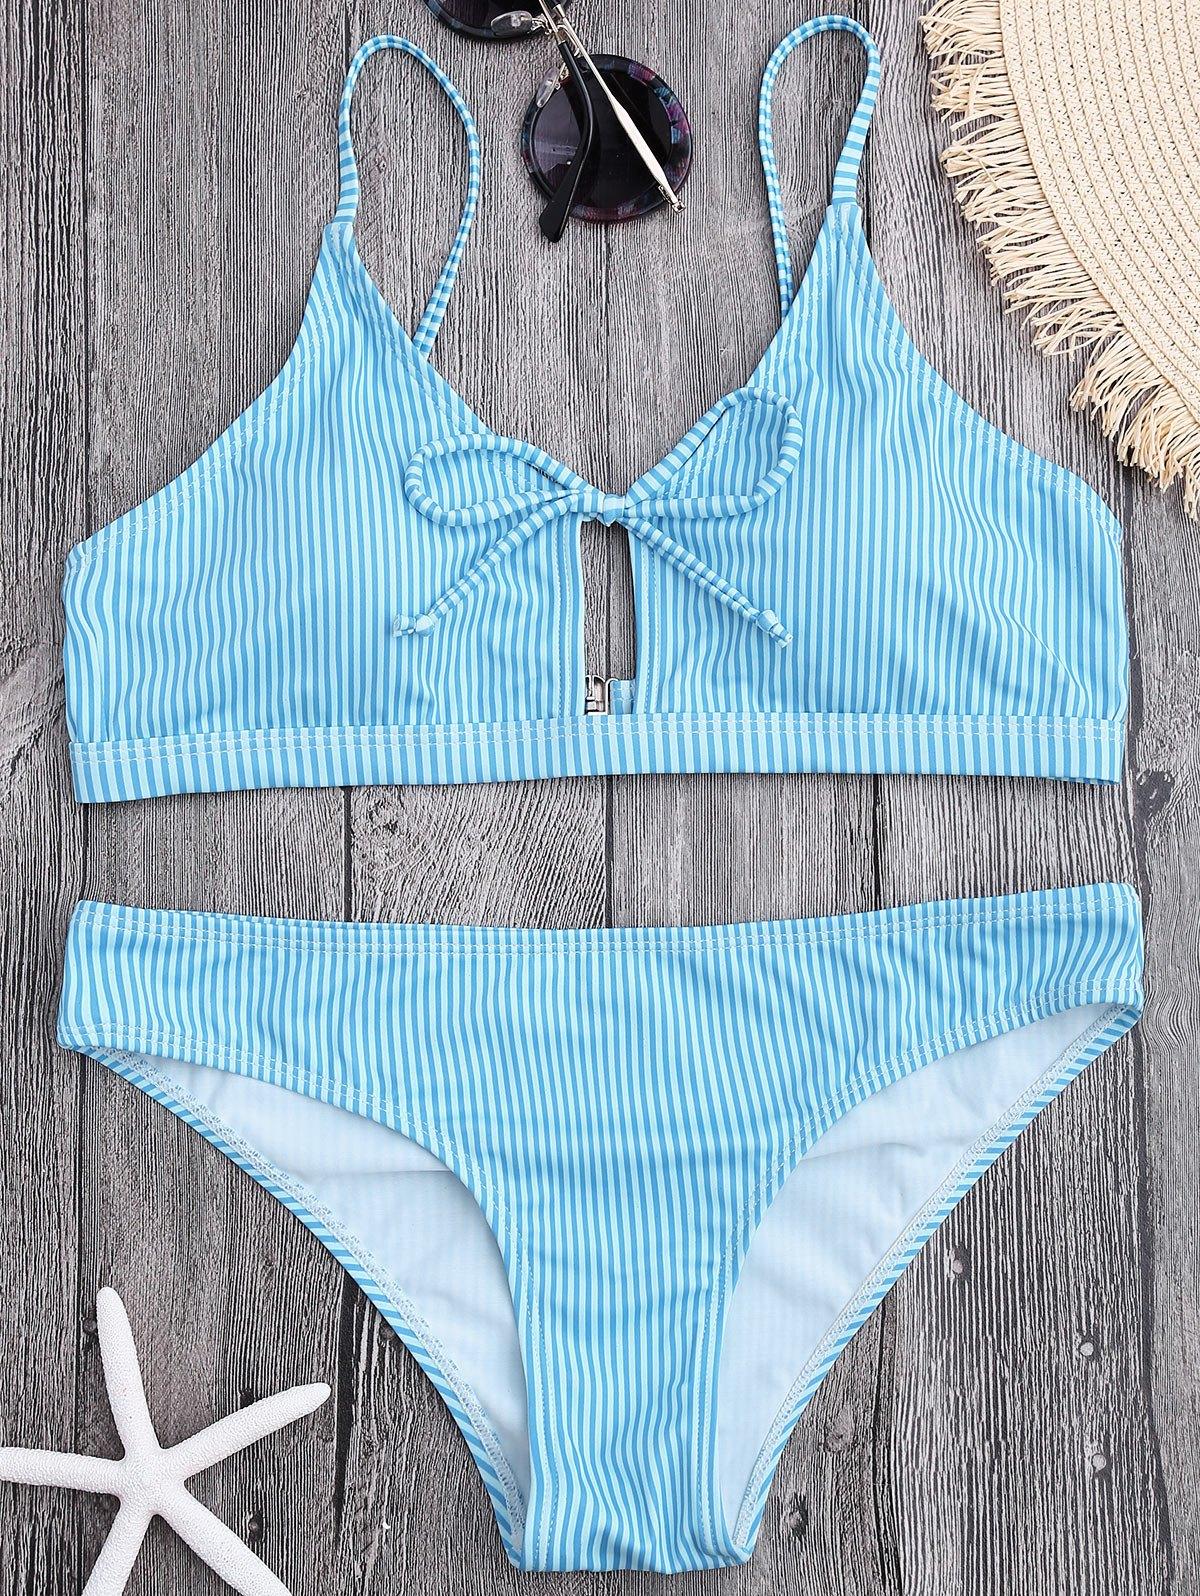 Cami Straps Padded Stripe Bikini 211494401